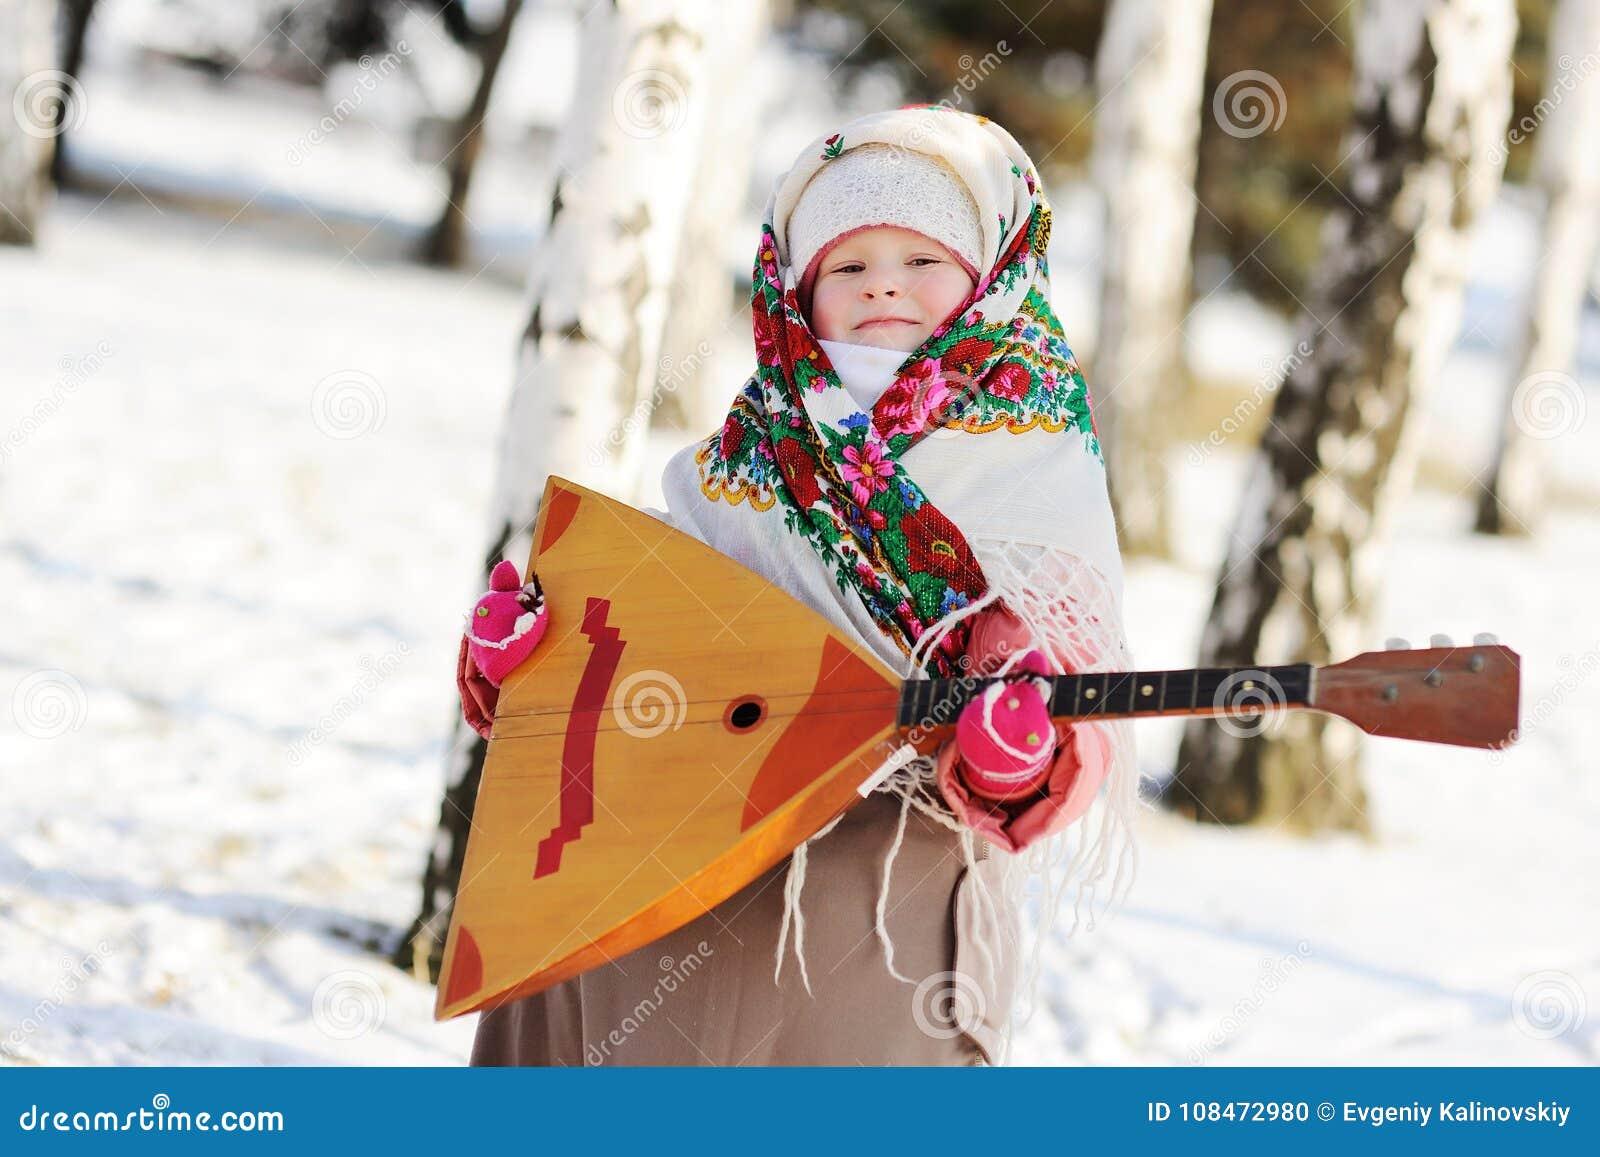 Kindermädchen in einem Pelzmantel und in einem Schal auf russisch mit einer Balalaika